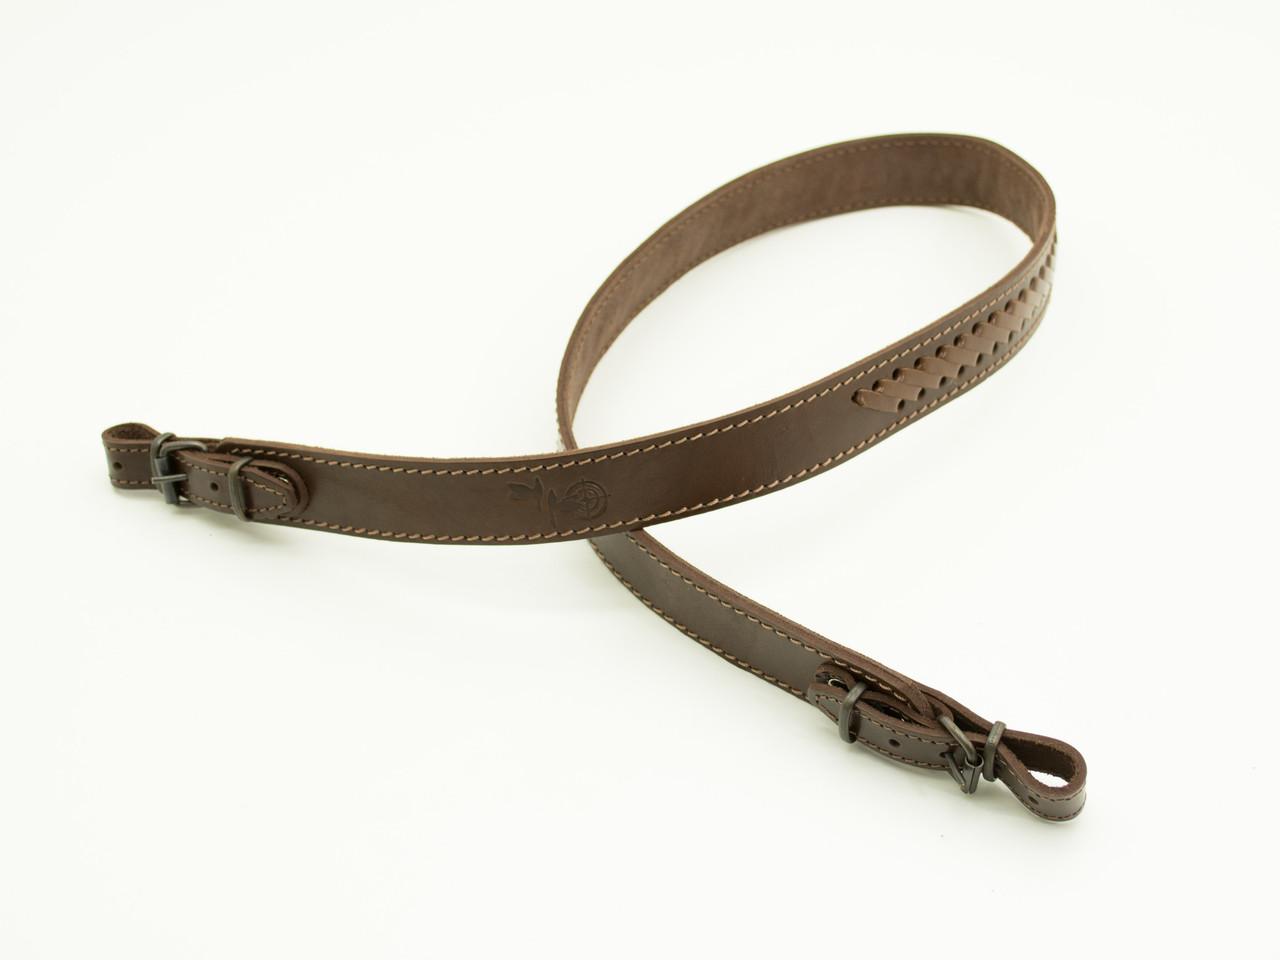 Ремень для ружья прямой плетеный кожаный коричневый 5029/2